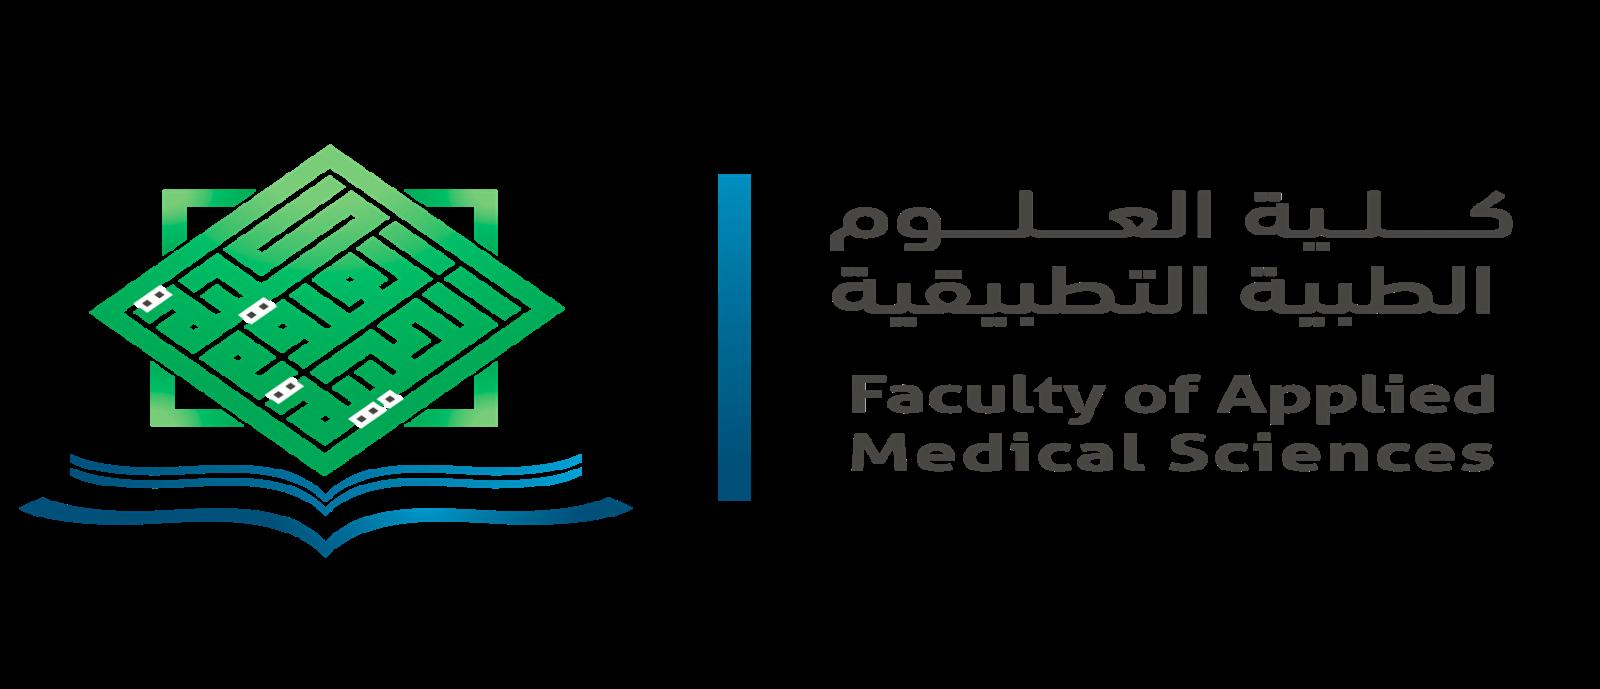 العلوم الطبية التطبيقية تحقق المركز الأول في الأبحاث الطبية